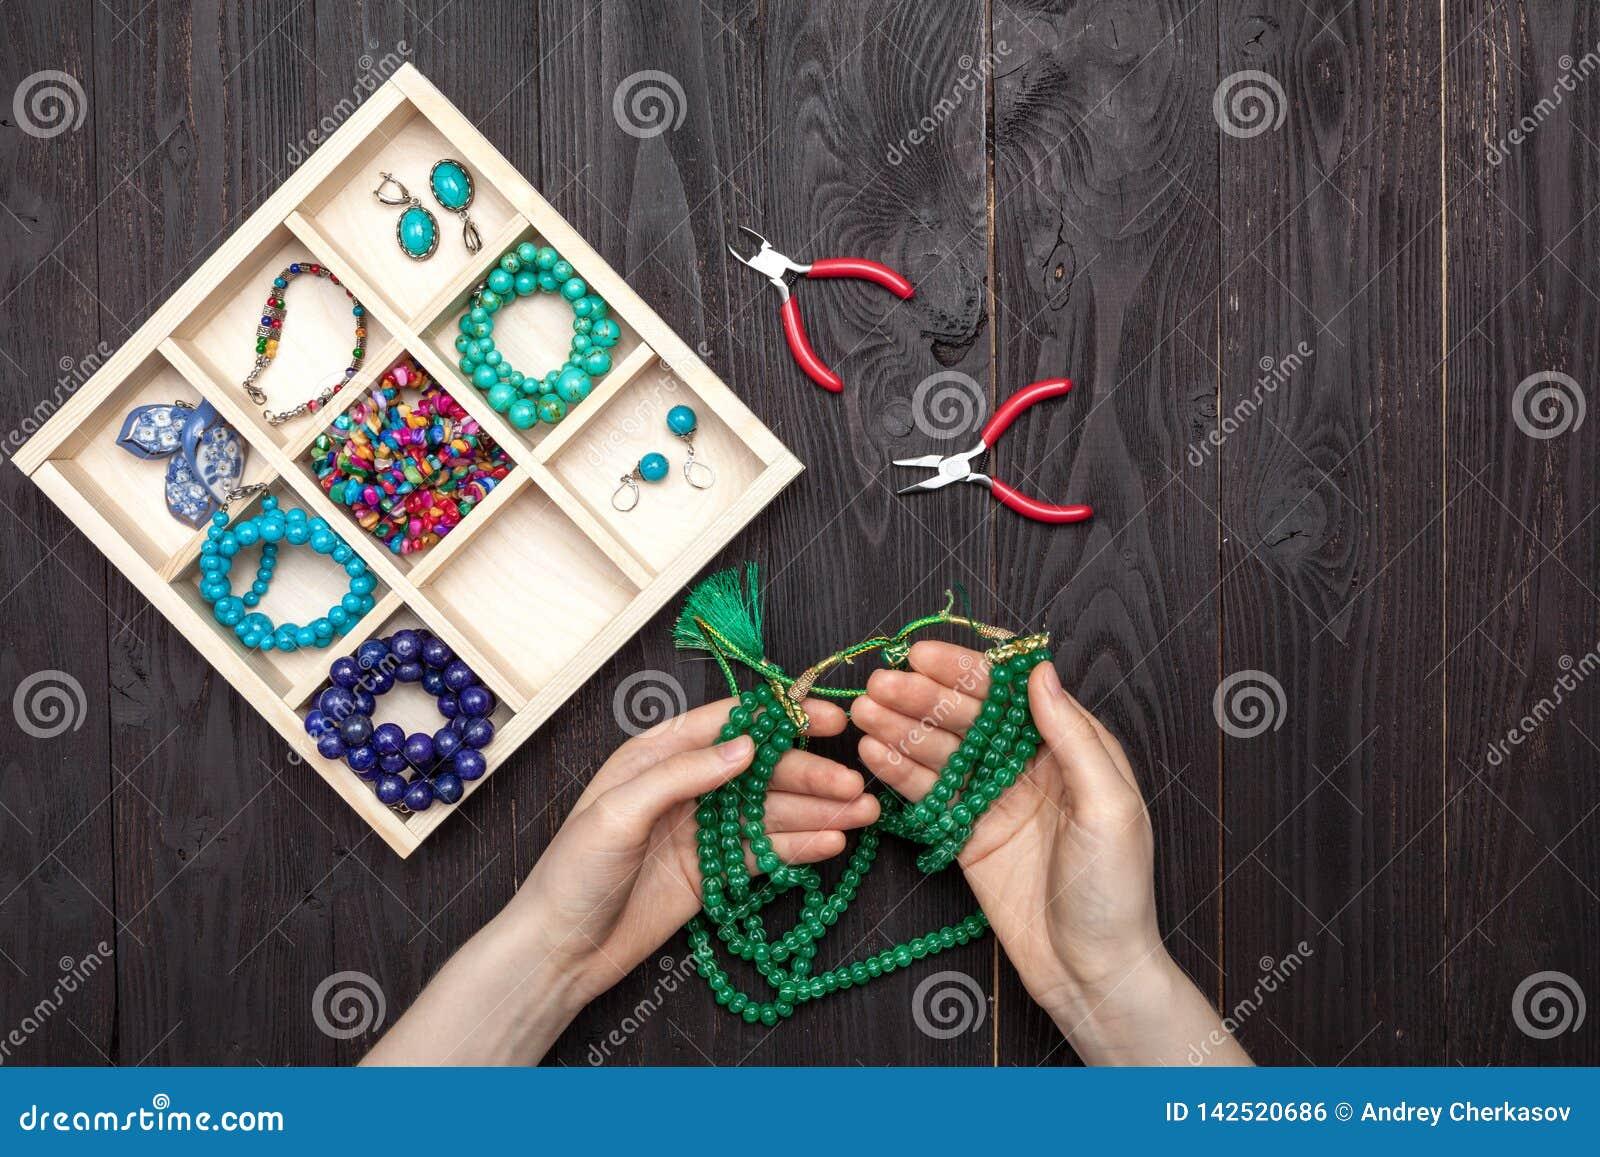 Handwork w domu dziewczyna robi biżuterii rękom na stole